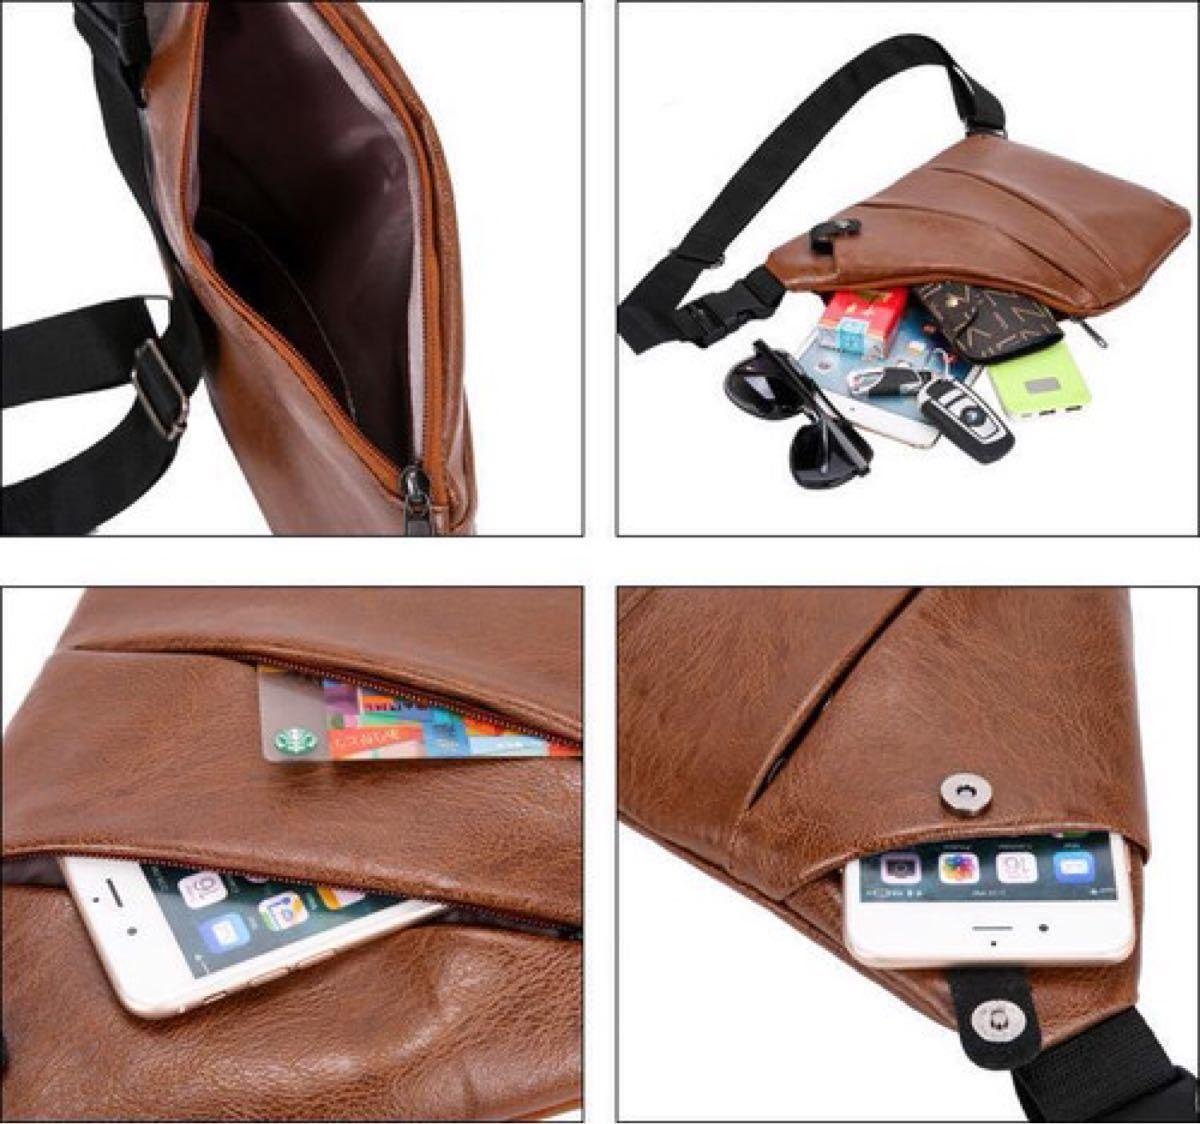 ボディバッグ ボディーバッグ ショルダーバッグ メンズ ブラック 小物 鞄 ポケット 高品質 斜め掛け 斜め掛けバッグメンズボデイ